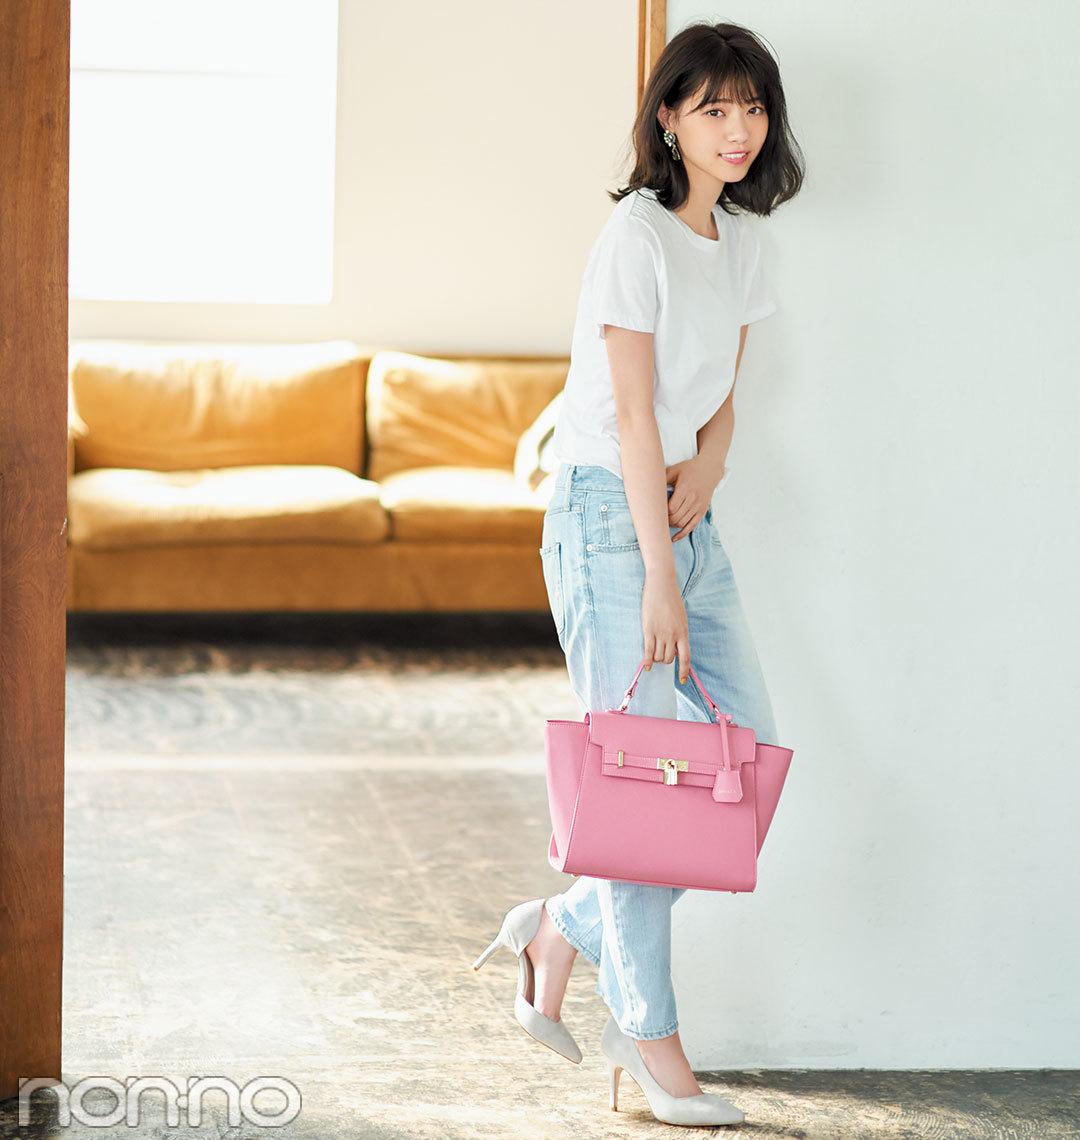 西野七瀬がお手本! いつもの服が+ピンクでこなれ見え3スタイル_1_3